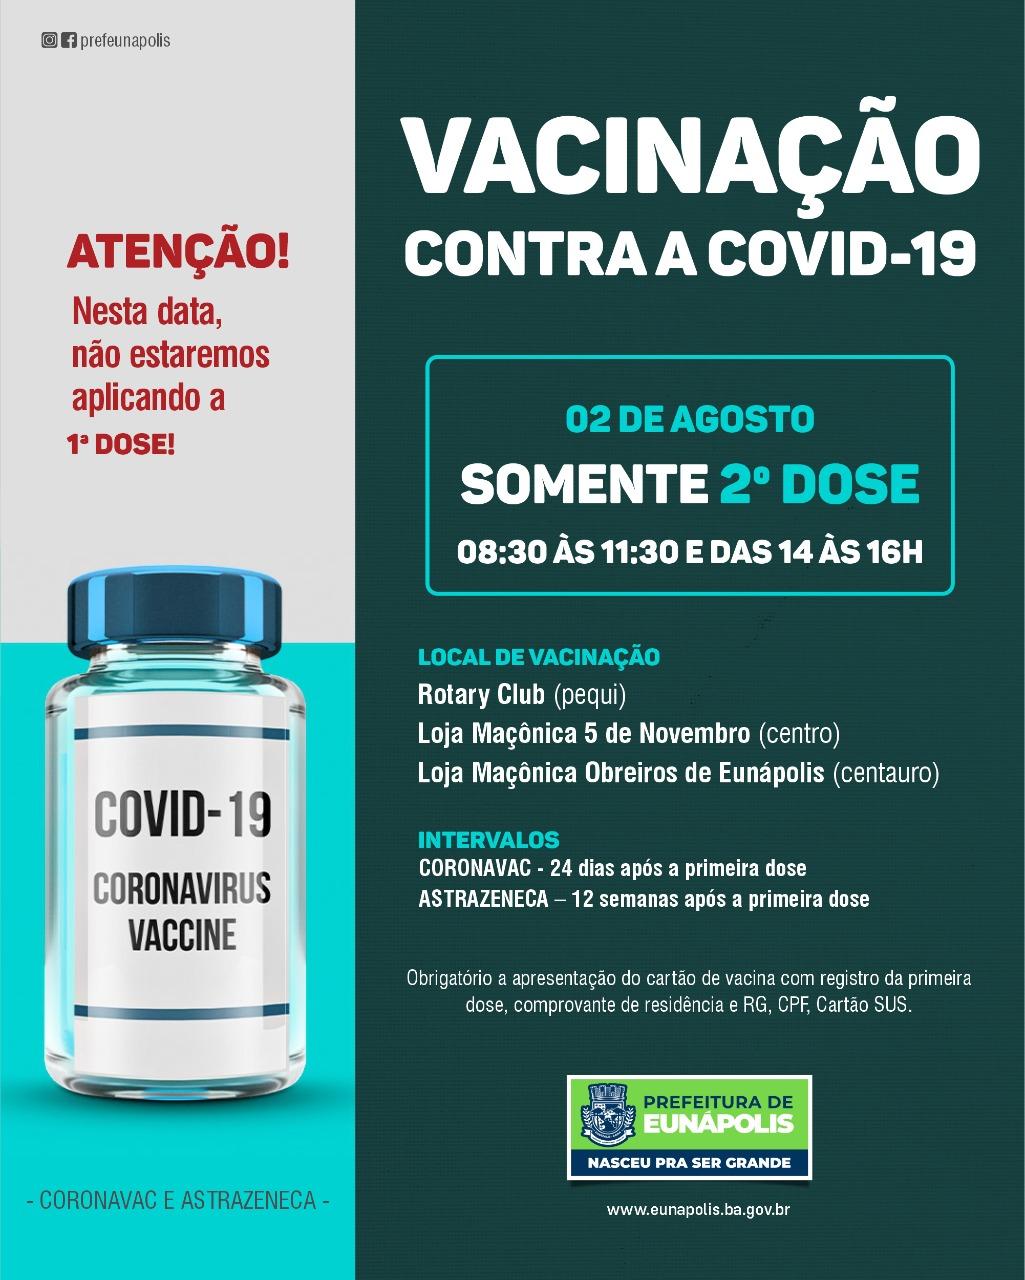 Secretaria de Saúde informa que nesta segunda serão aplicadas somente segundas doses 18